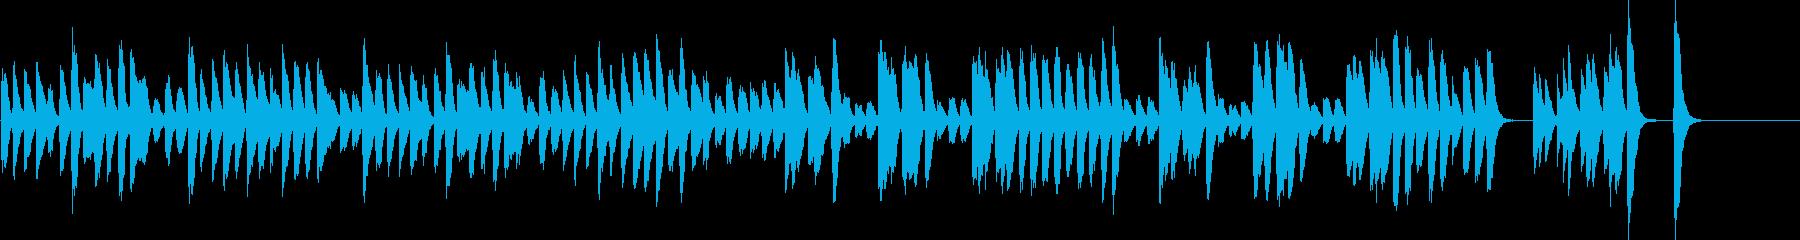 軽快で愉快なピアノ曲の再生済みの波形